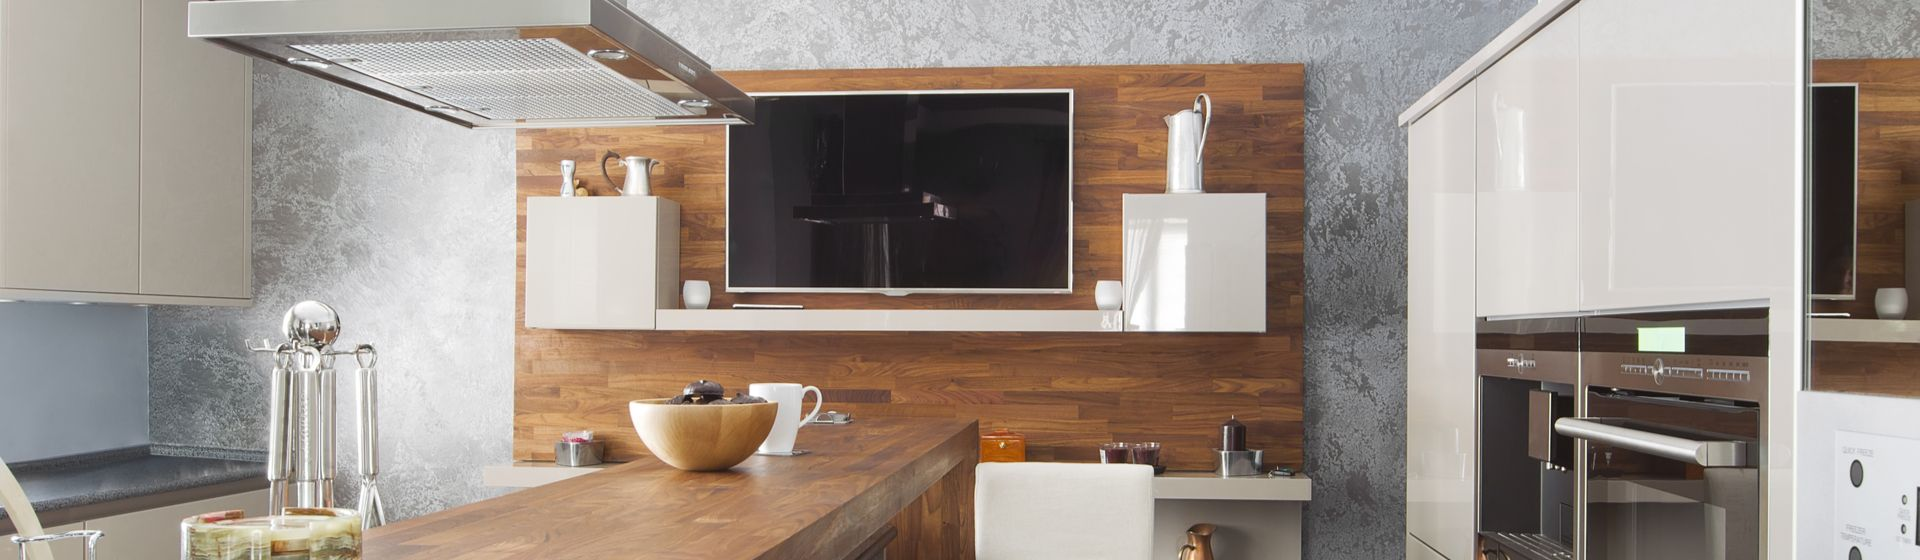 As 5 melhores TVs para cozinha em 2021